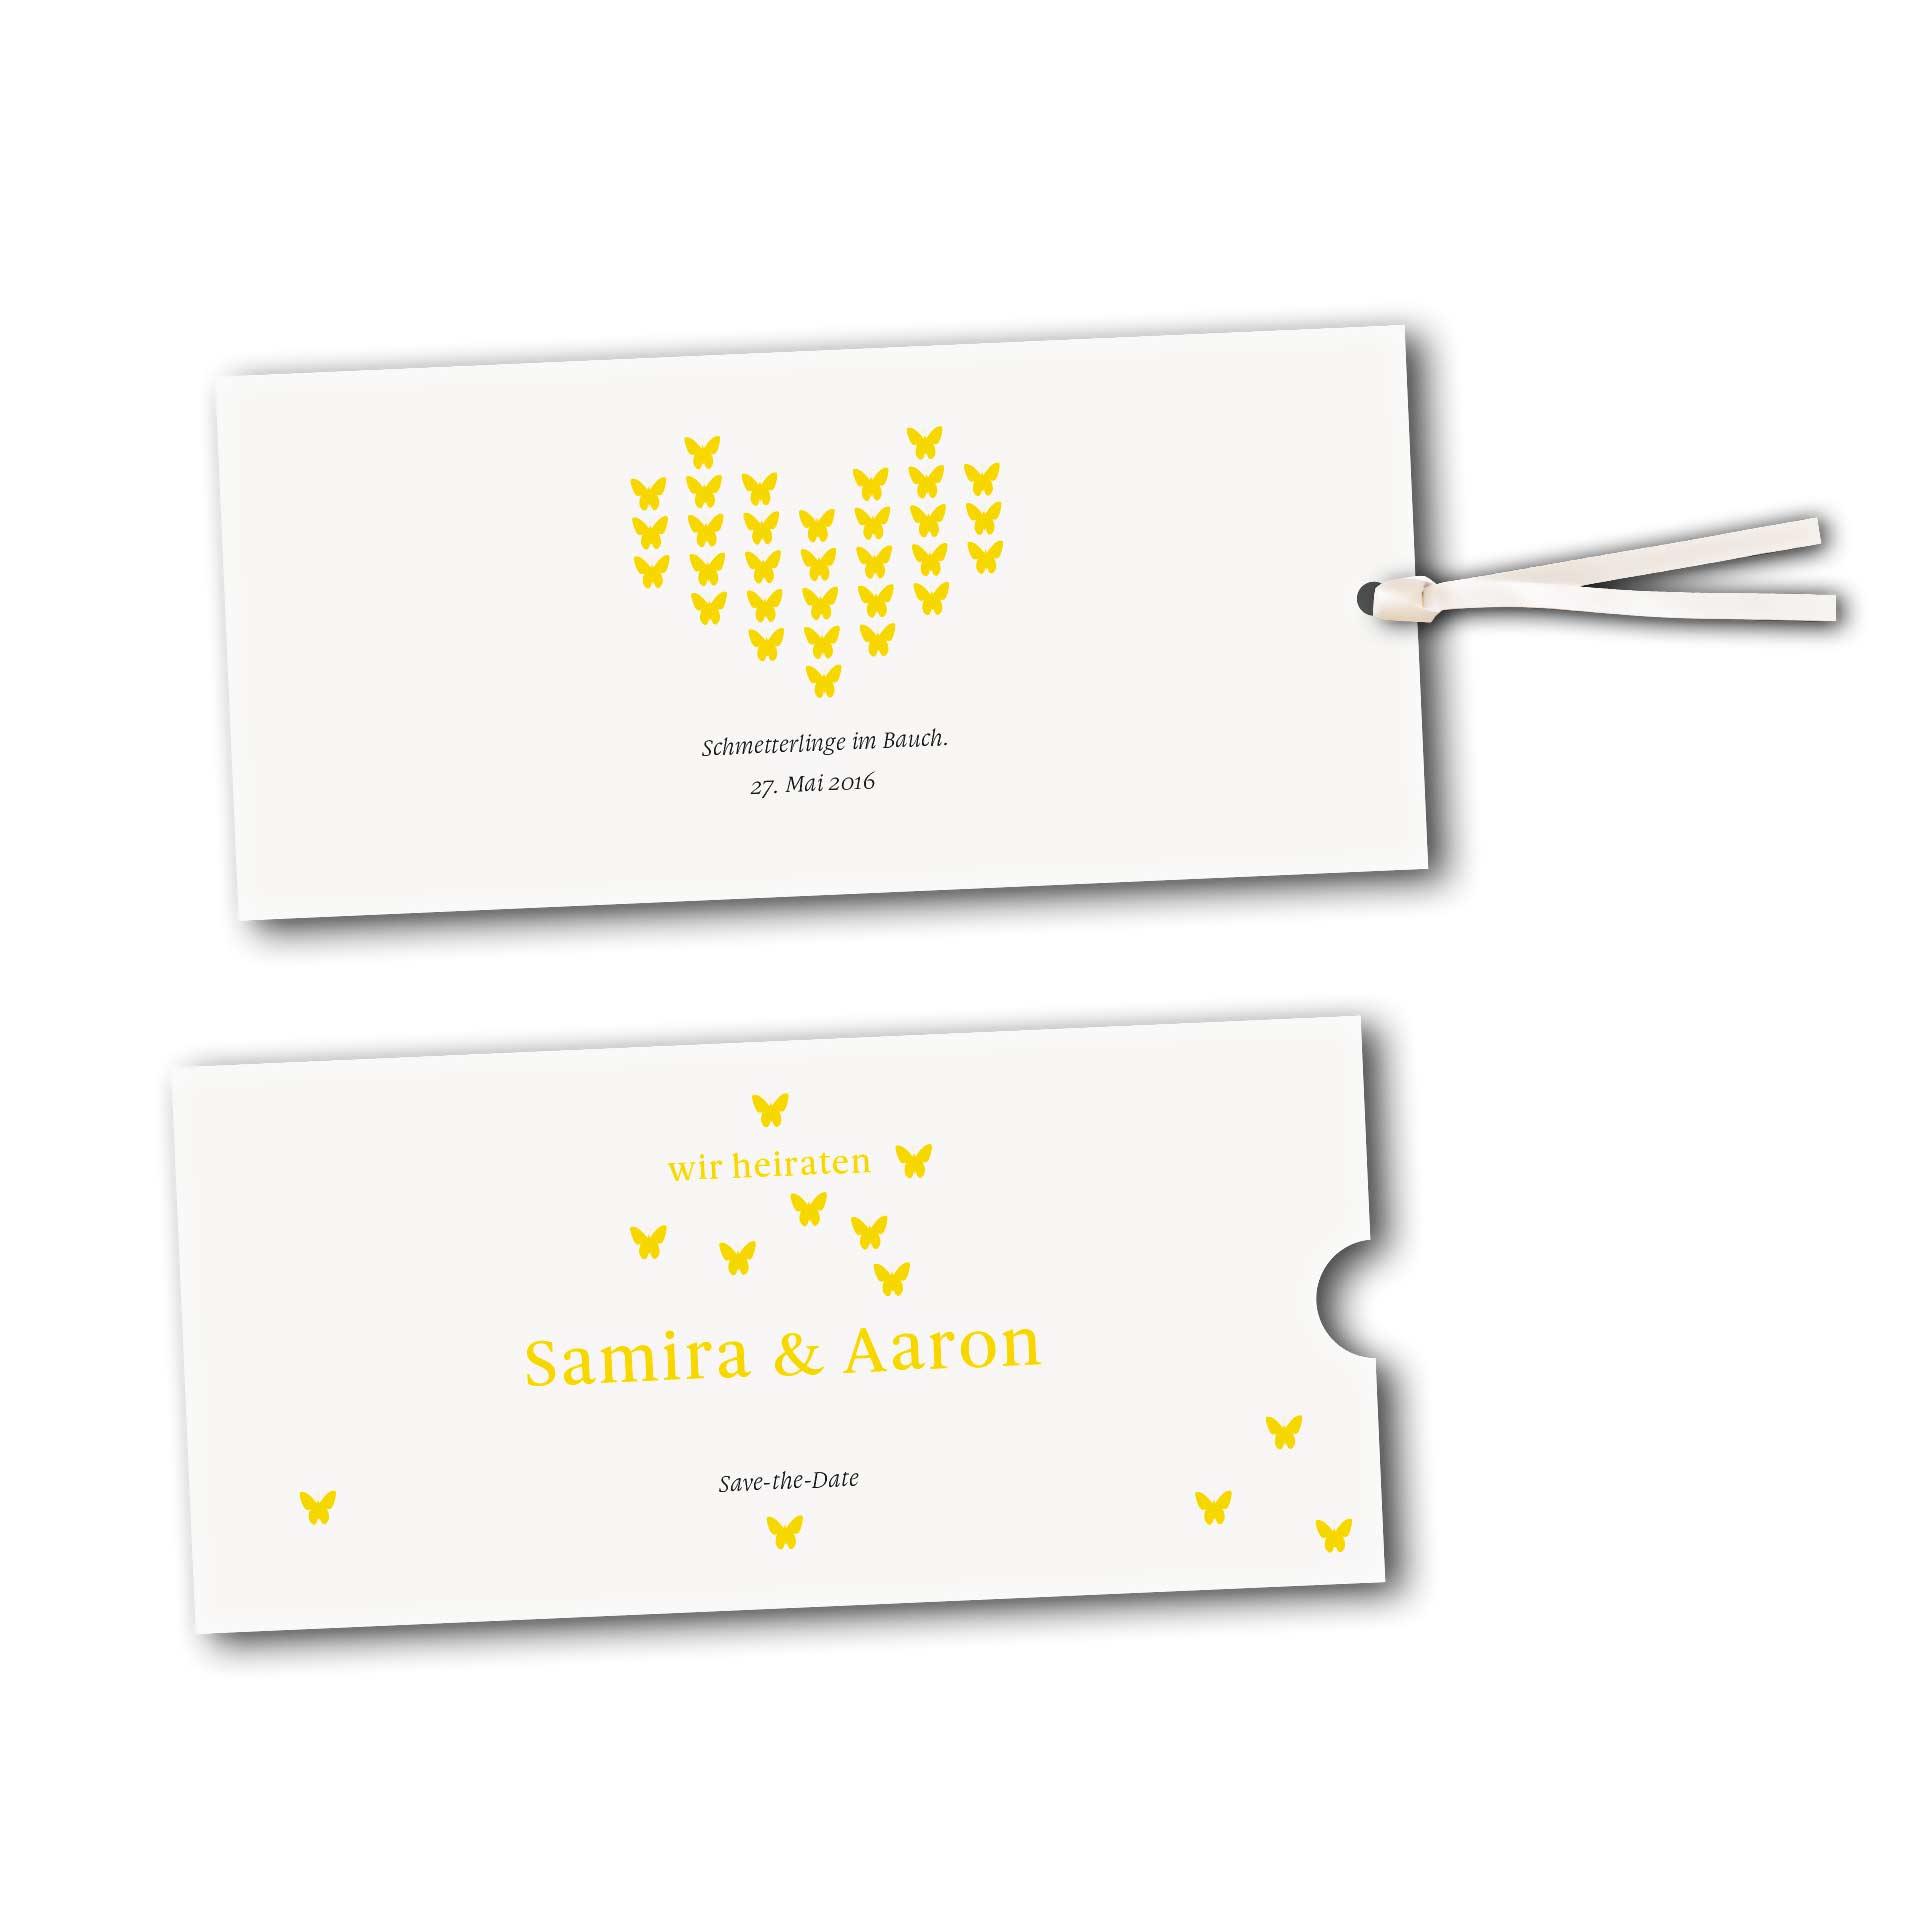 schuberkarte save the date karte design verliebte schmetterlinge zur hochzeit. Black Bedroom Furniture Sets. Home Design Ideas